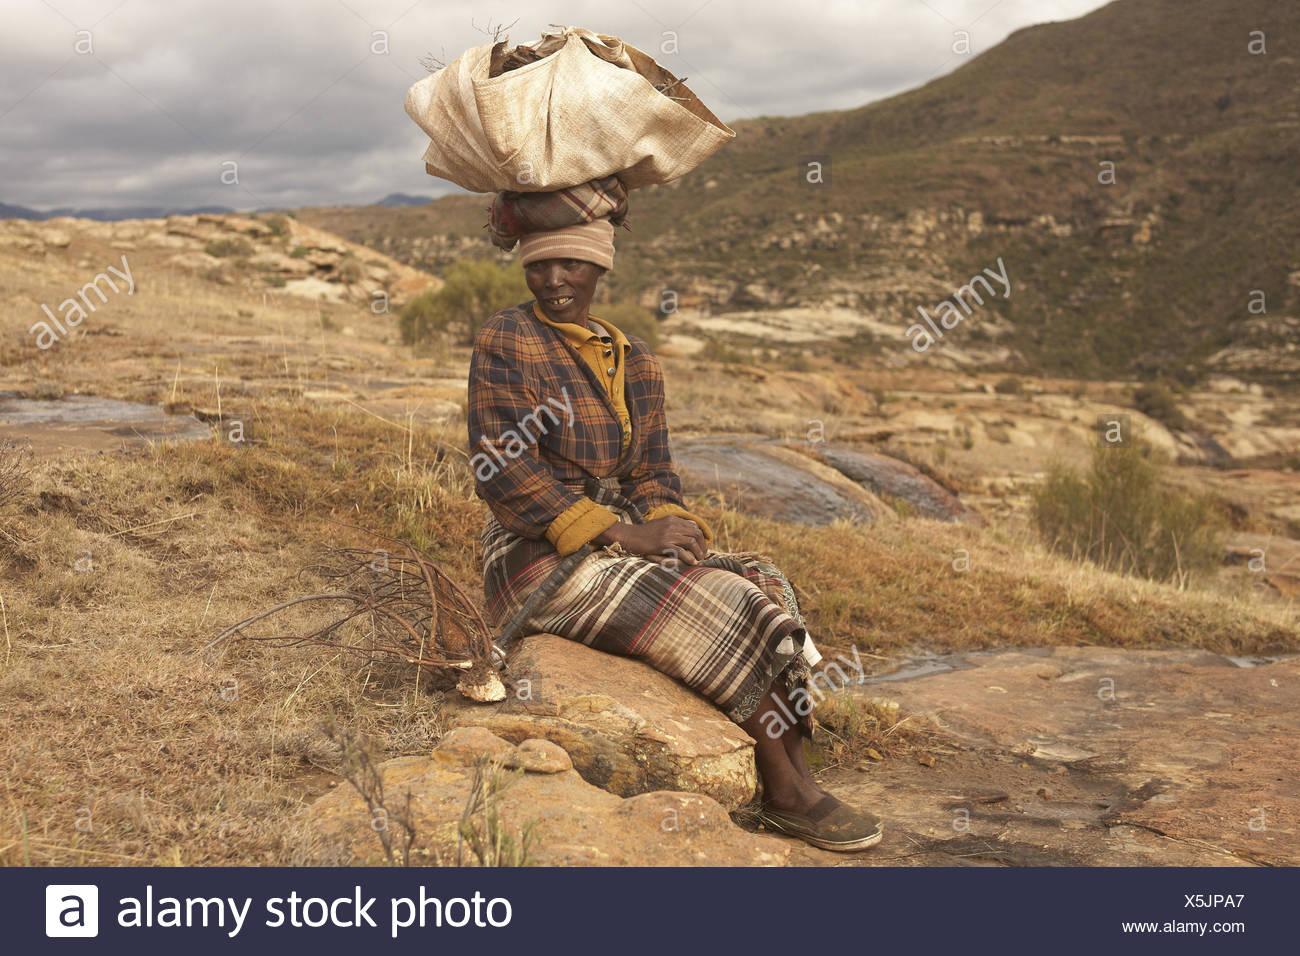 Africa, southern Africa, Lesotho, formerly Basutoland, province Maseru, Malealea, Drakensberge, Maloti mountains, Lowlands, - Stock Image